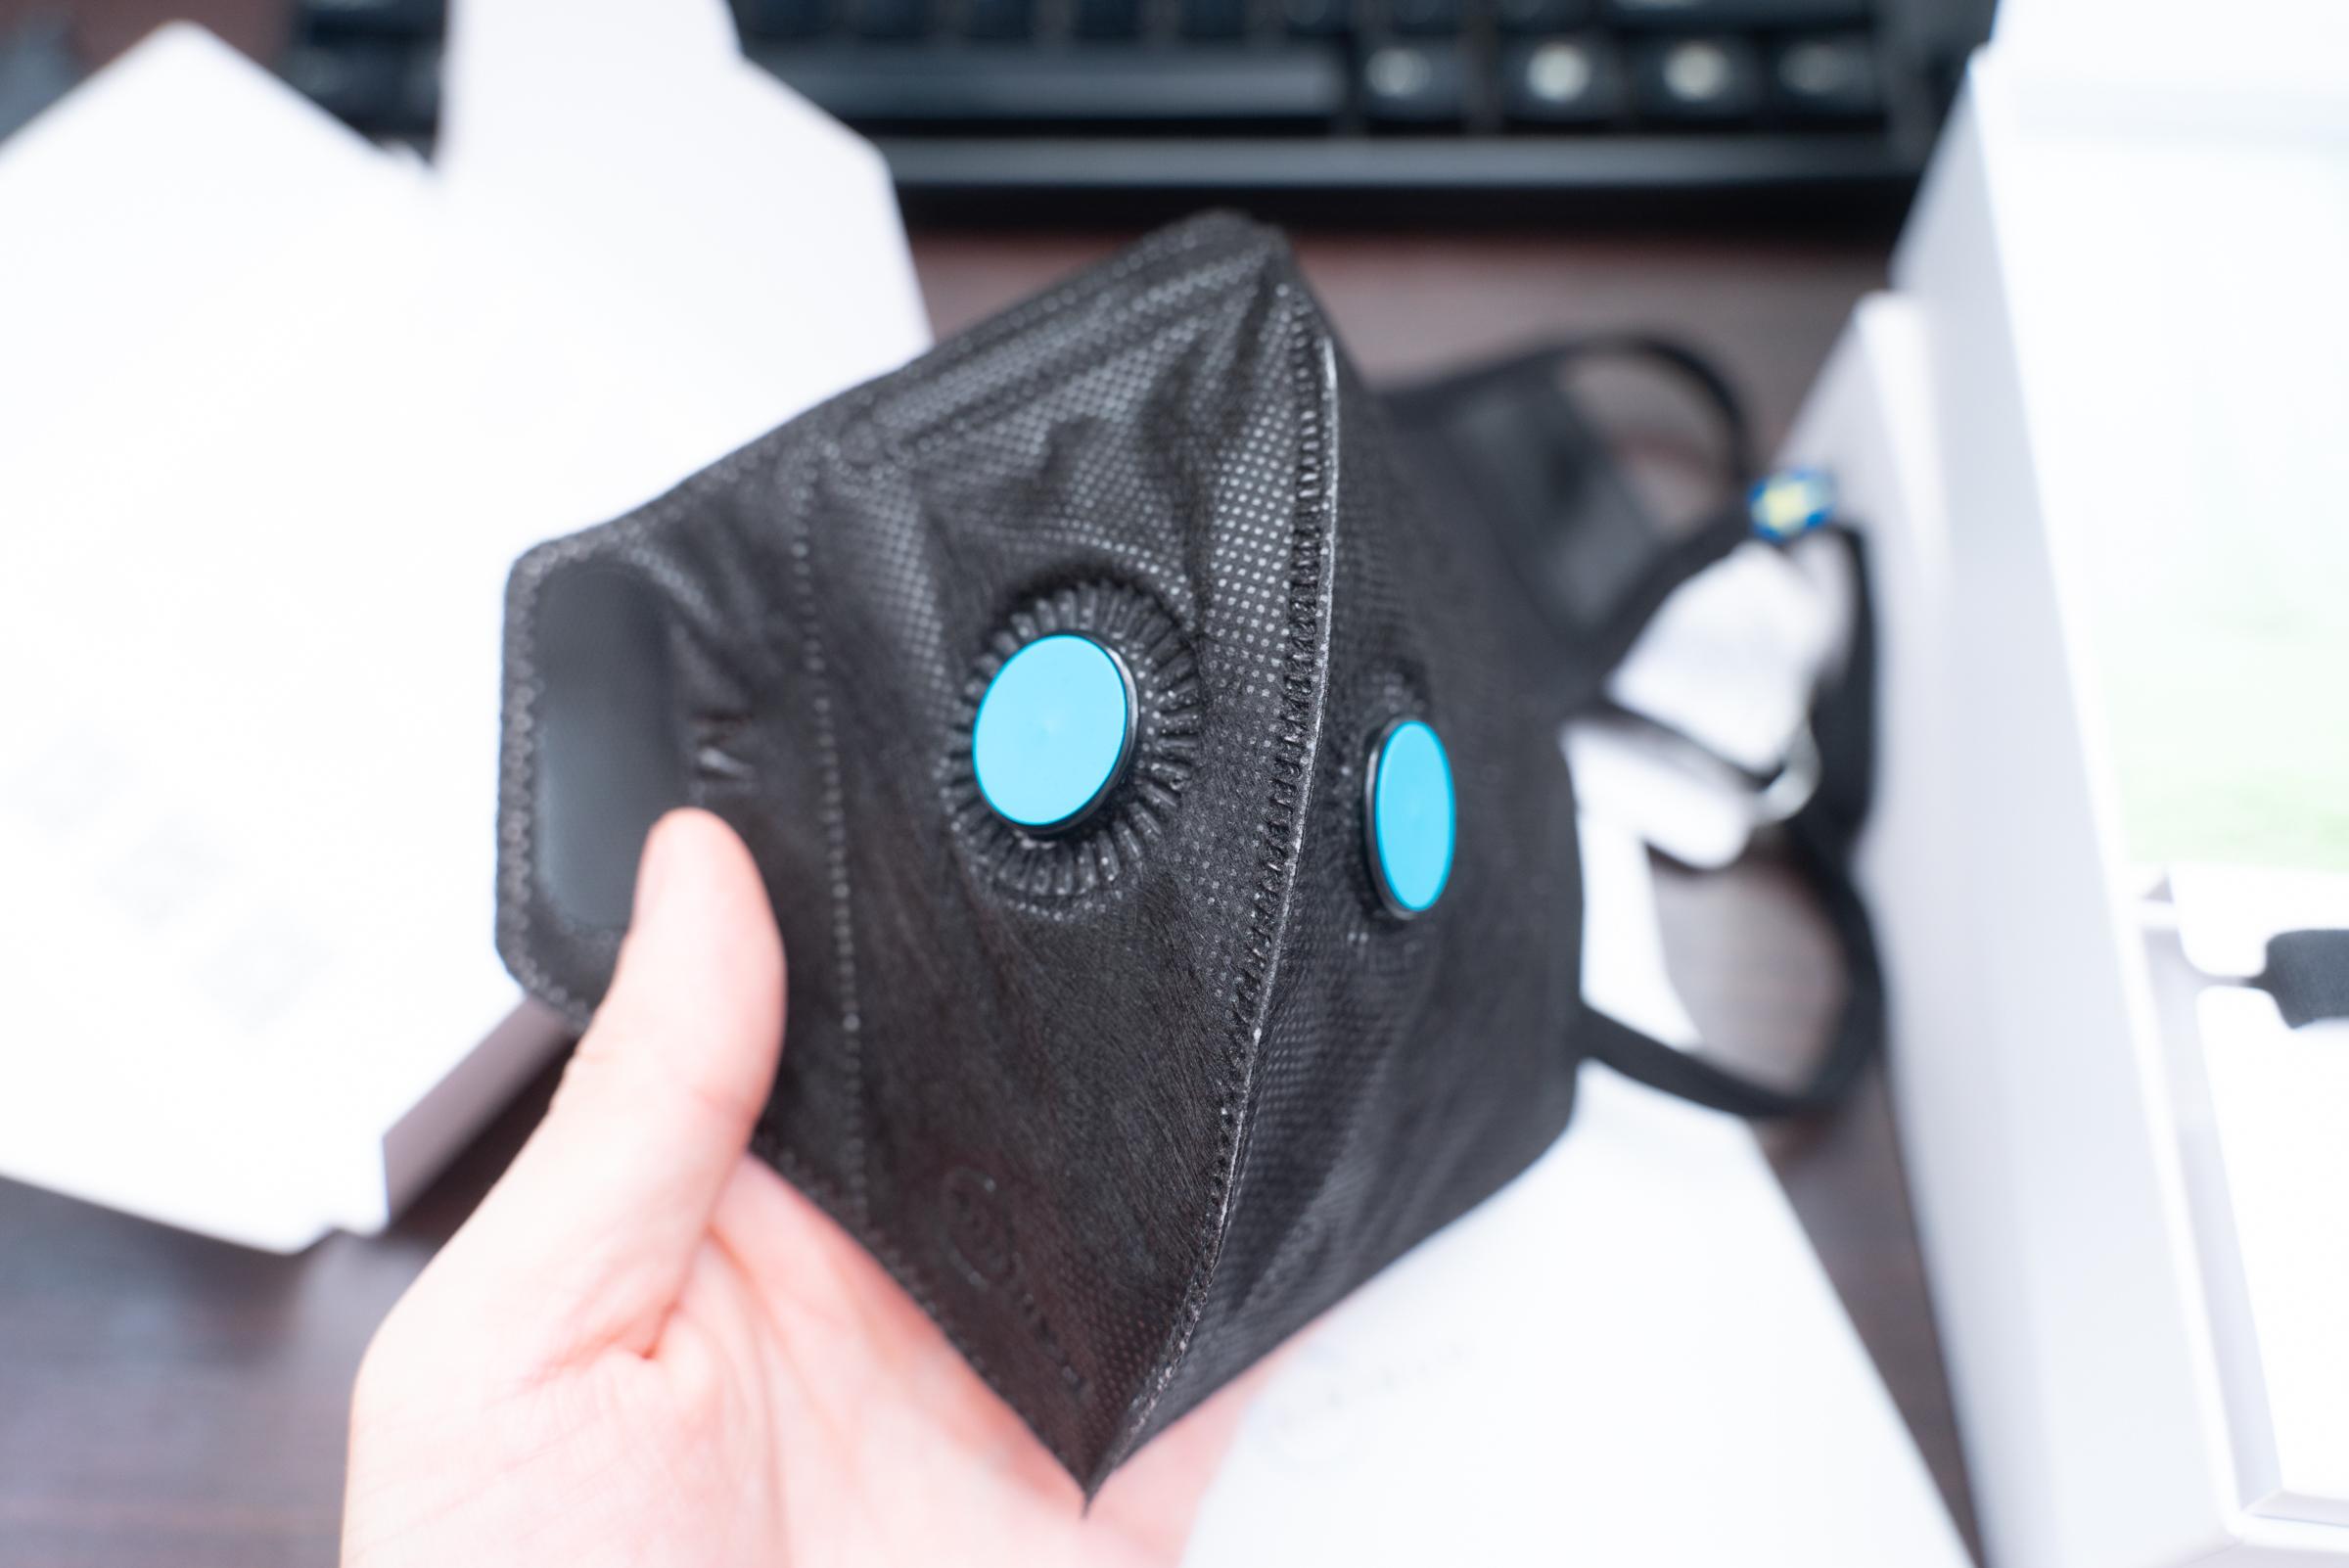 MoMAデザインショップで約8000円もするマスクを買ってみた → 値段もスゴいがスペックも使用感もスゴかった / Airinum Urban Air Mask 2.0